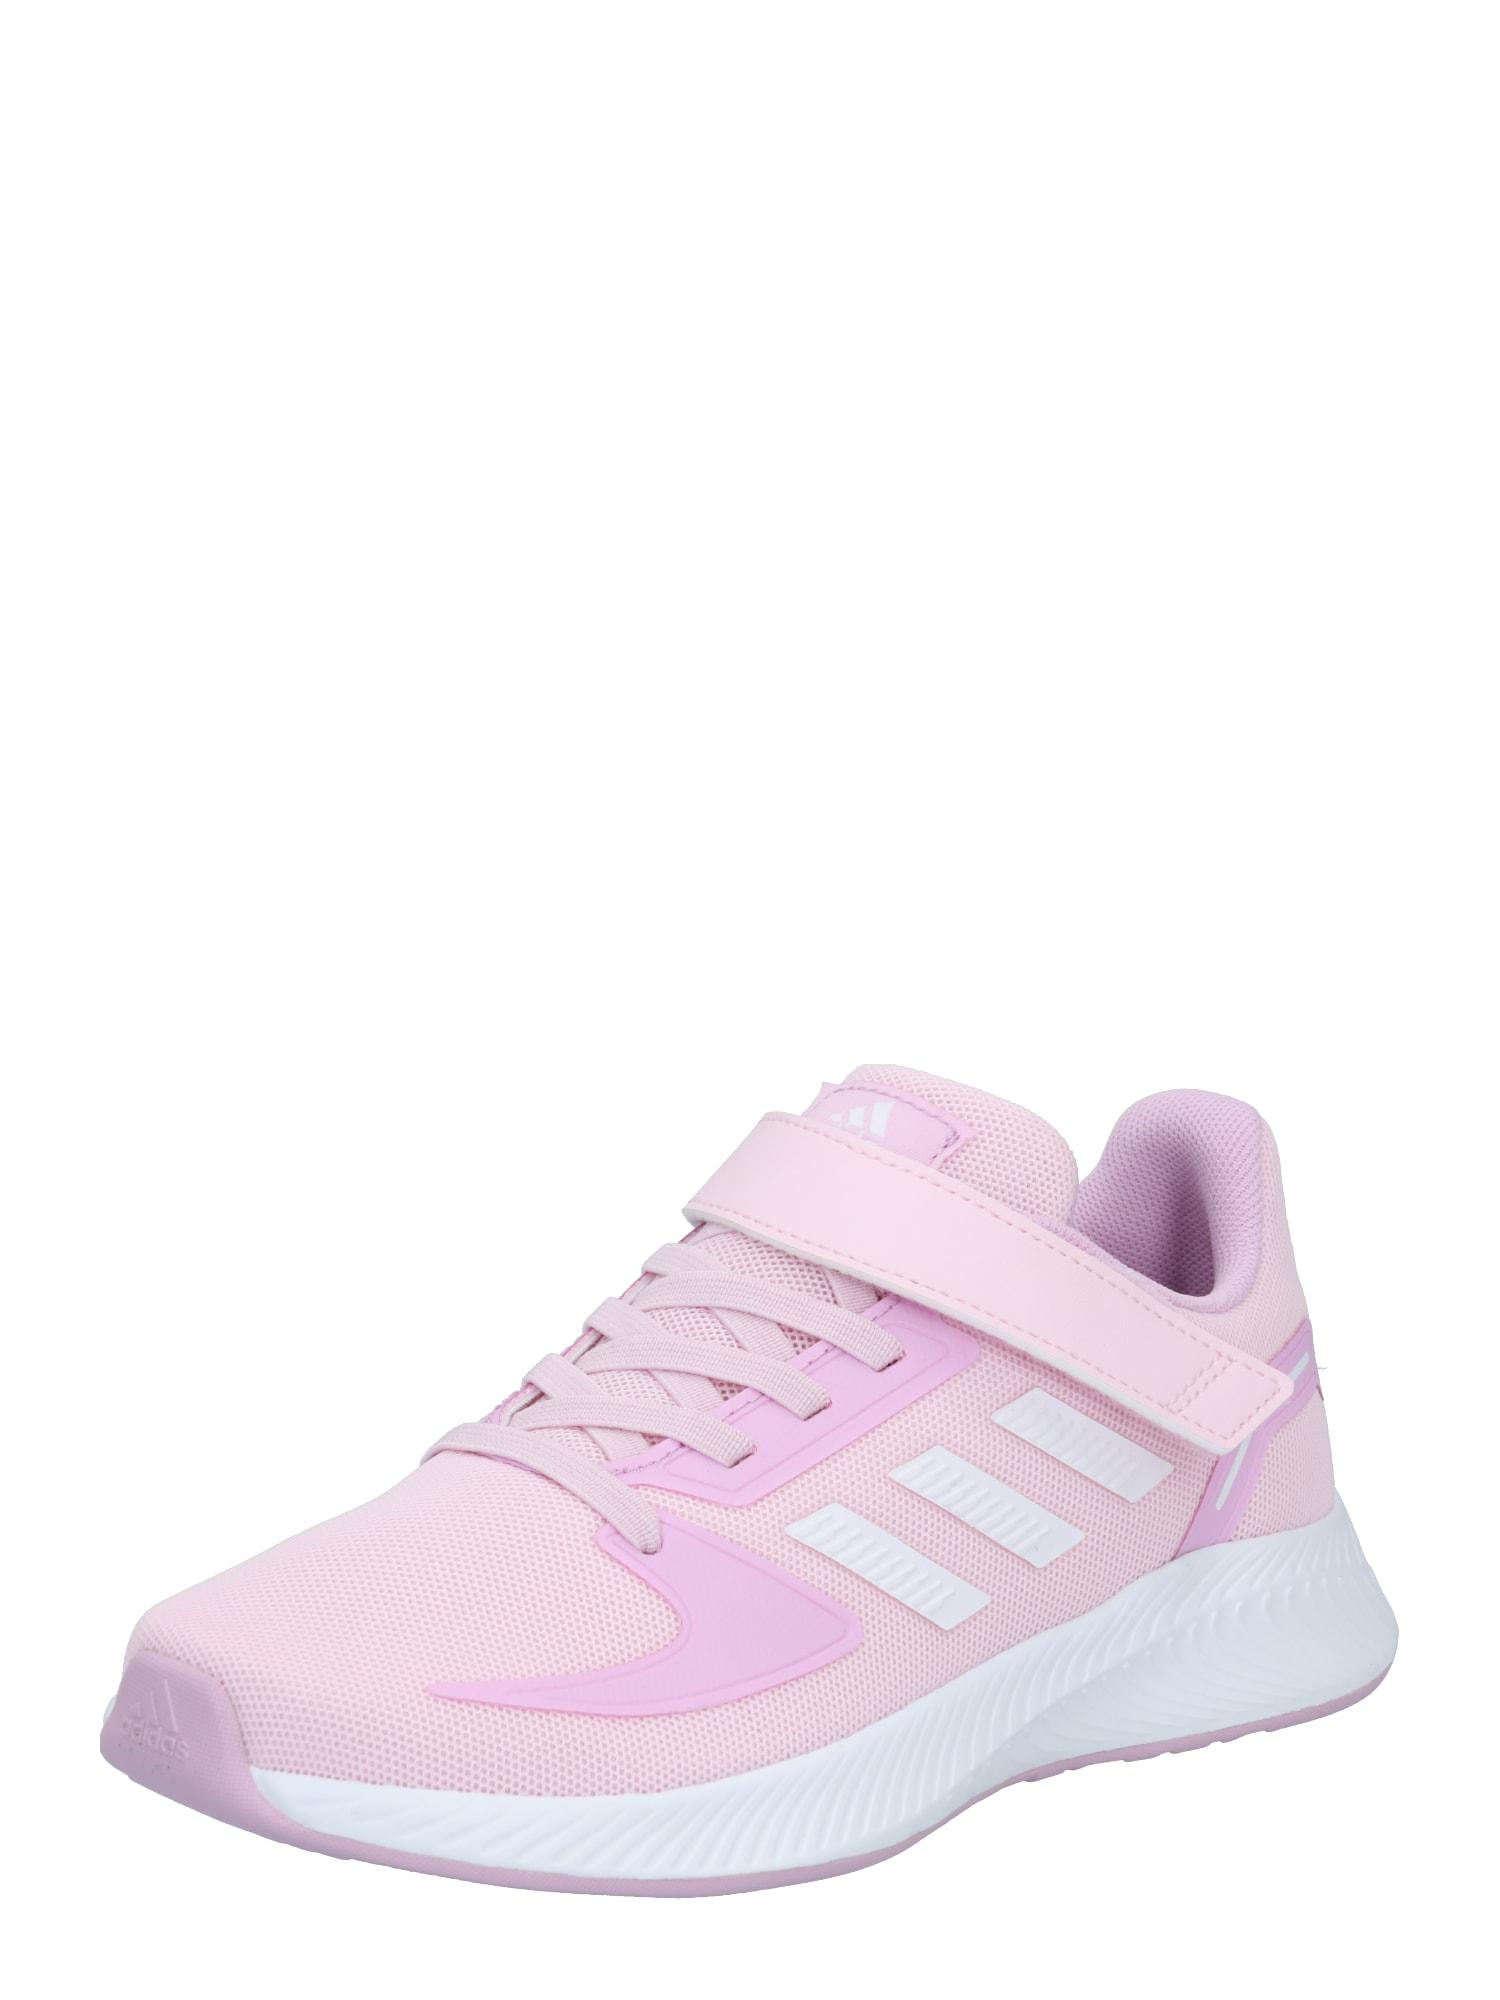 ADIDAS PERFORMANCE Sportiniai batai 'Runfalcon 2.0' šviesiai rožinė / rožinė / balta